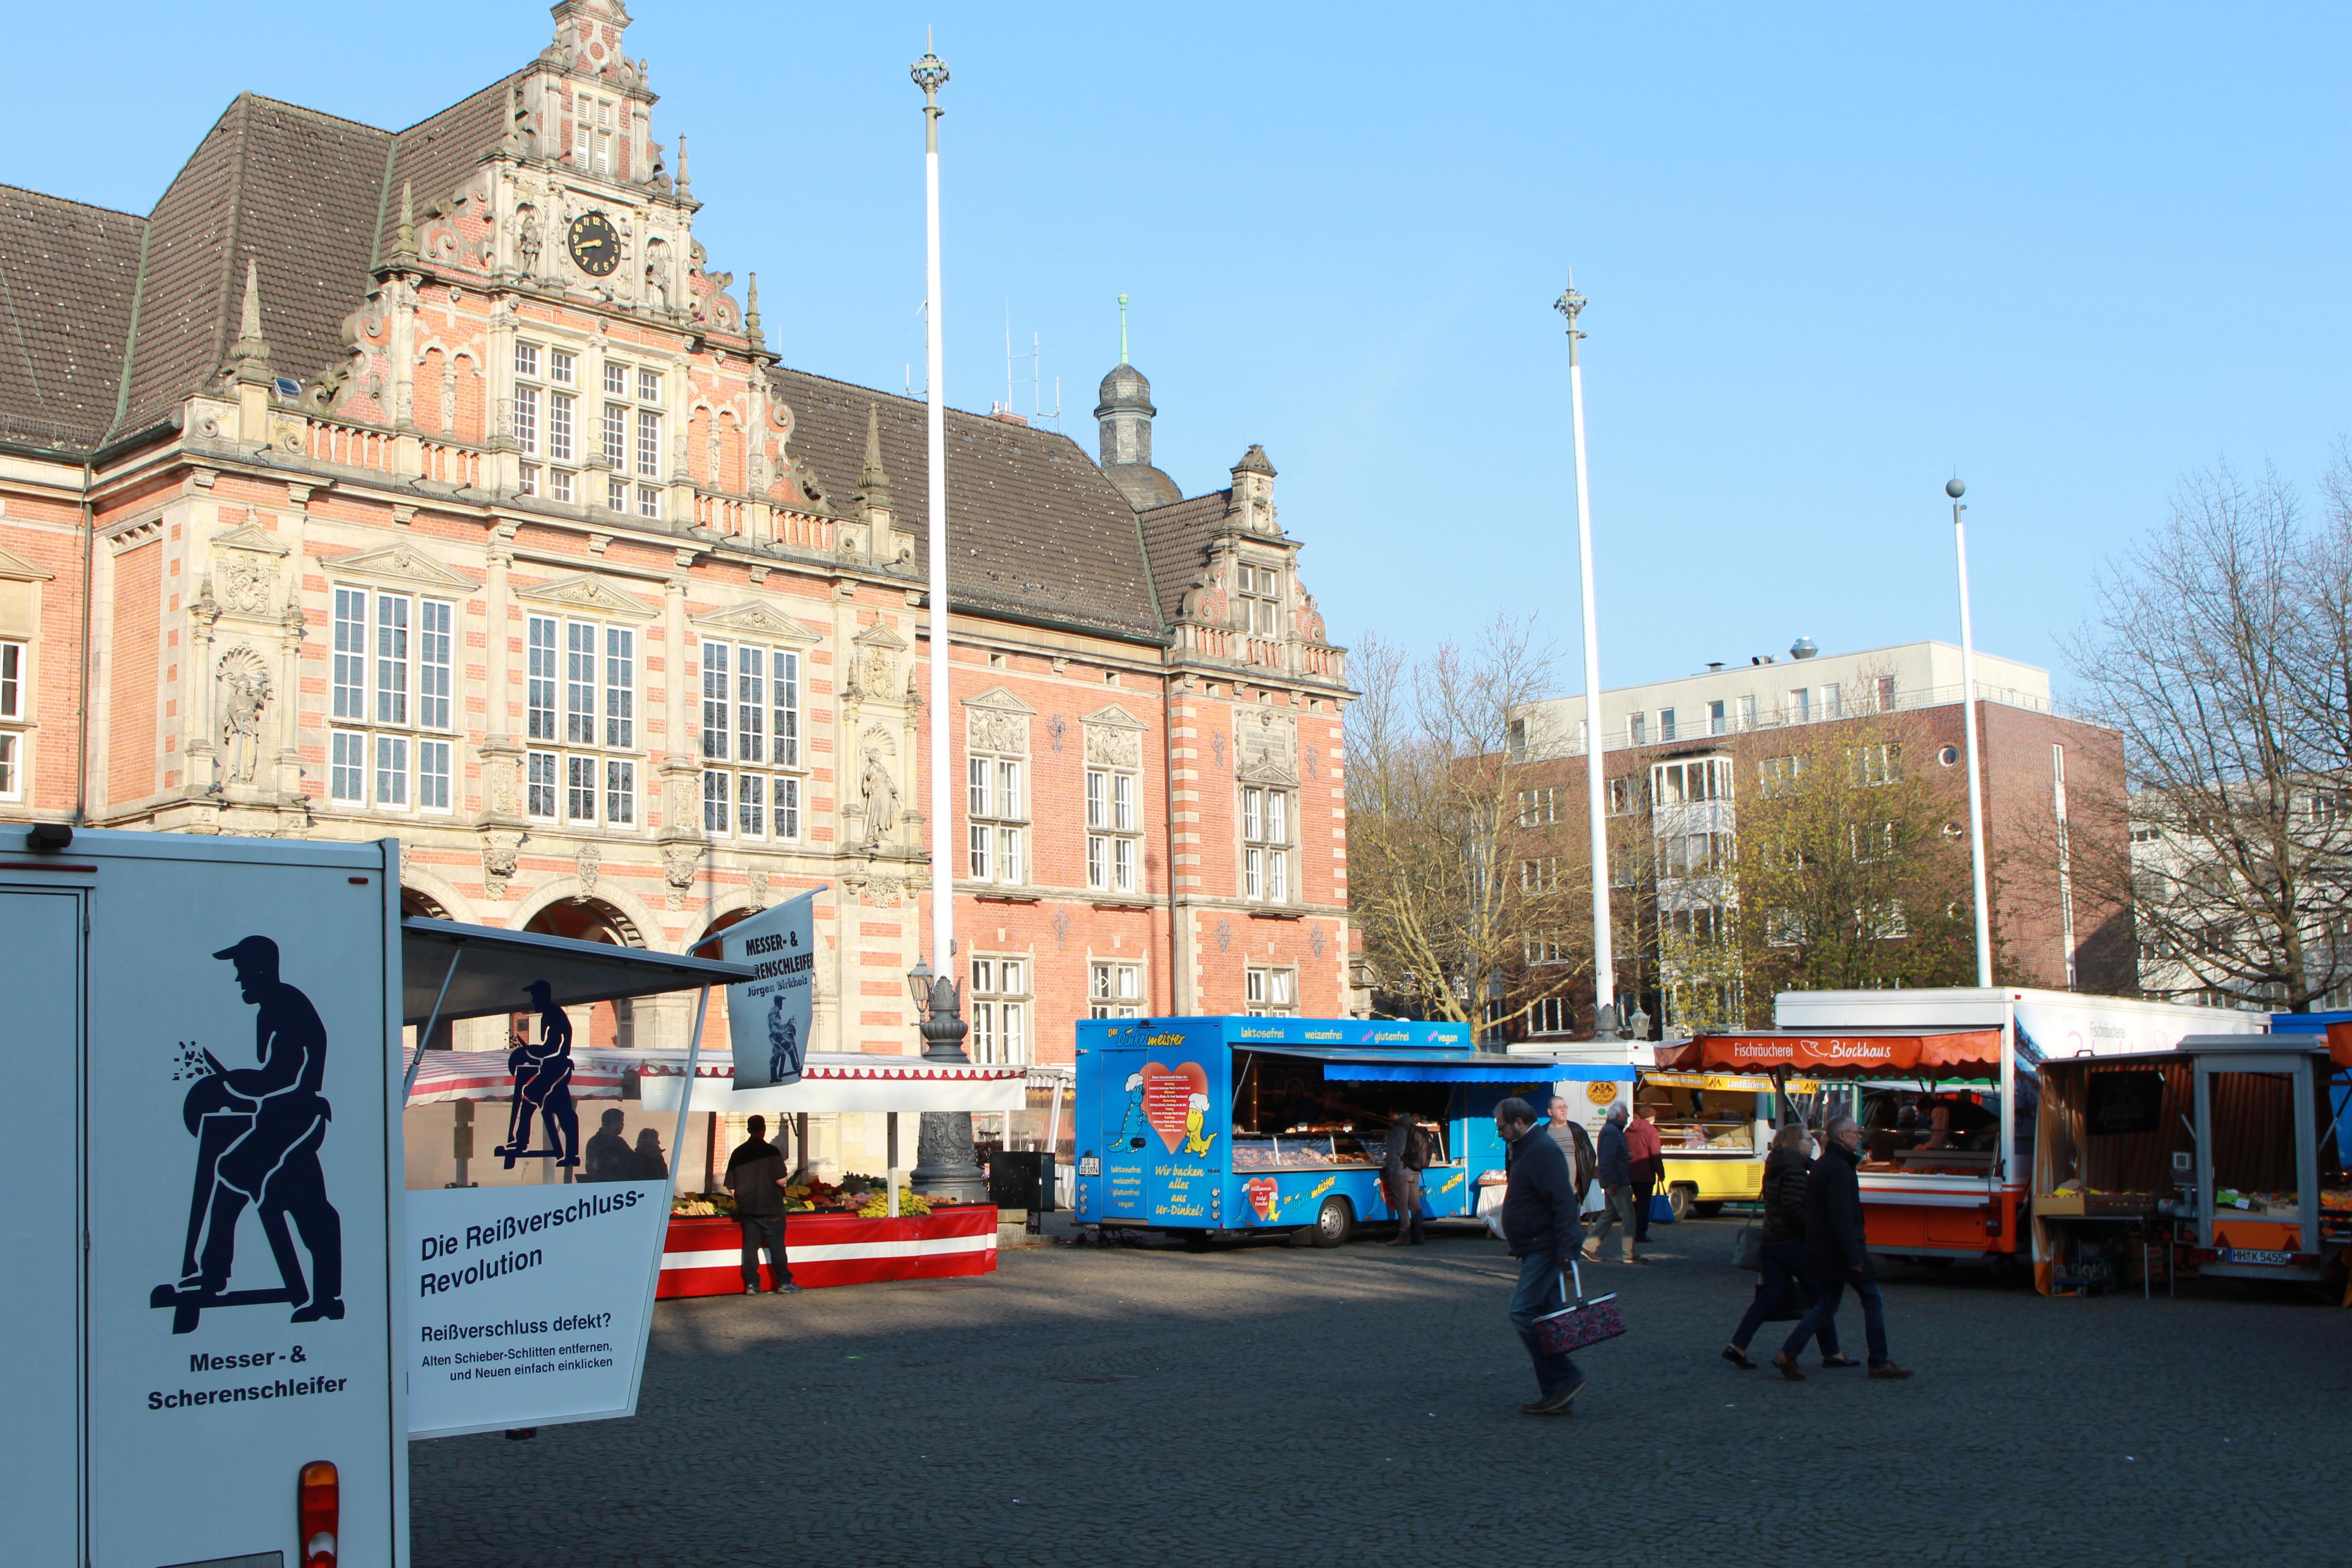 pm -Für zumindest ein halbes Jahr ist der Markt vom Sand auf den Rathausplatz umgezogen.